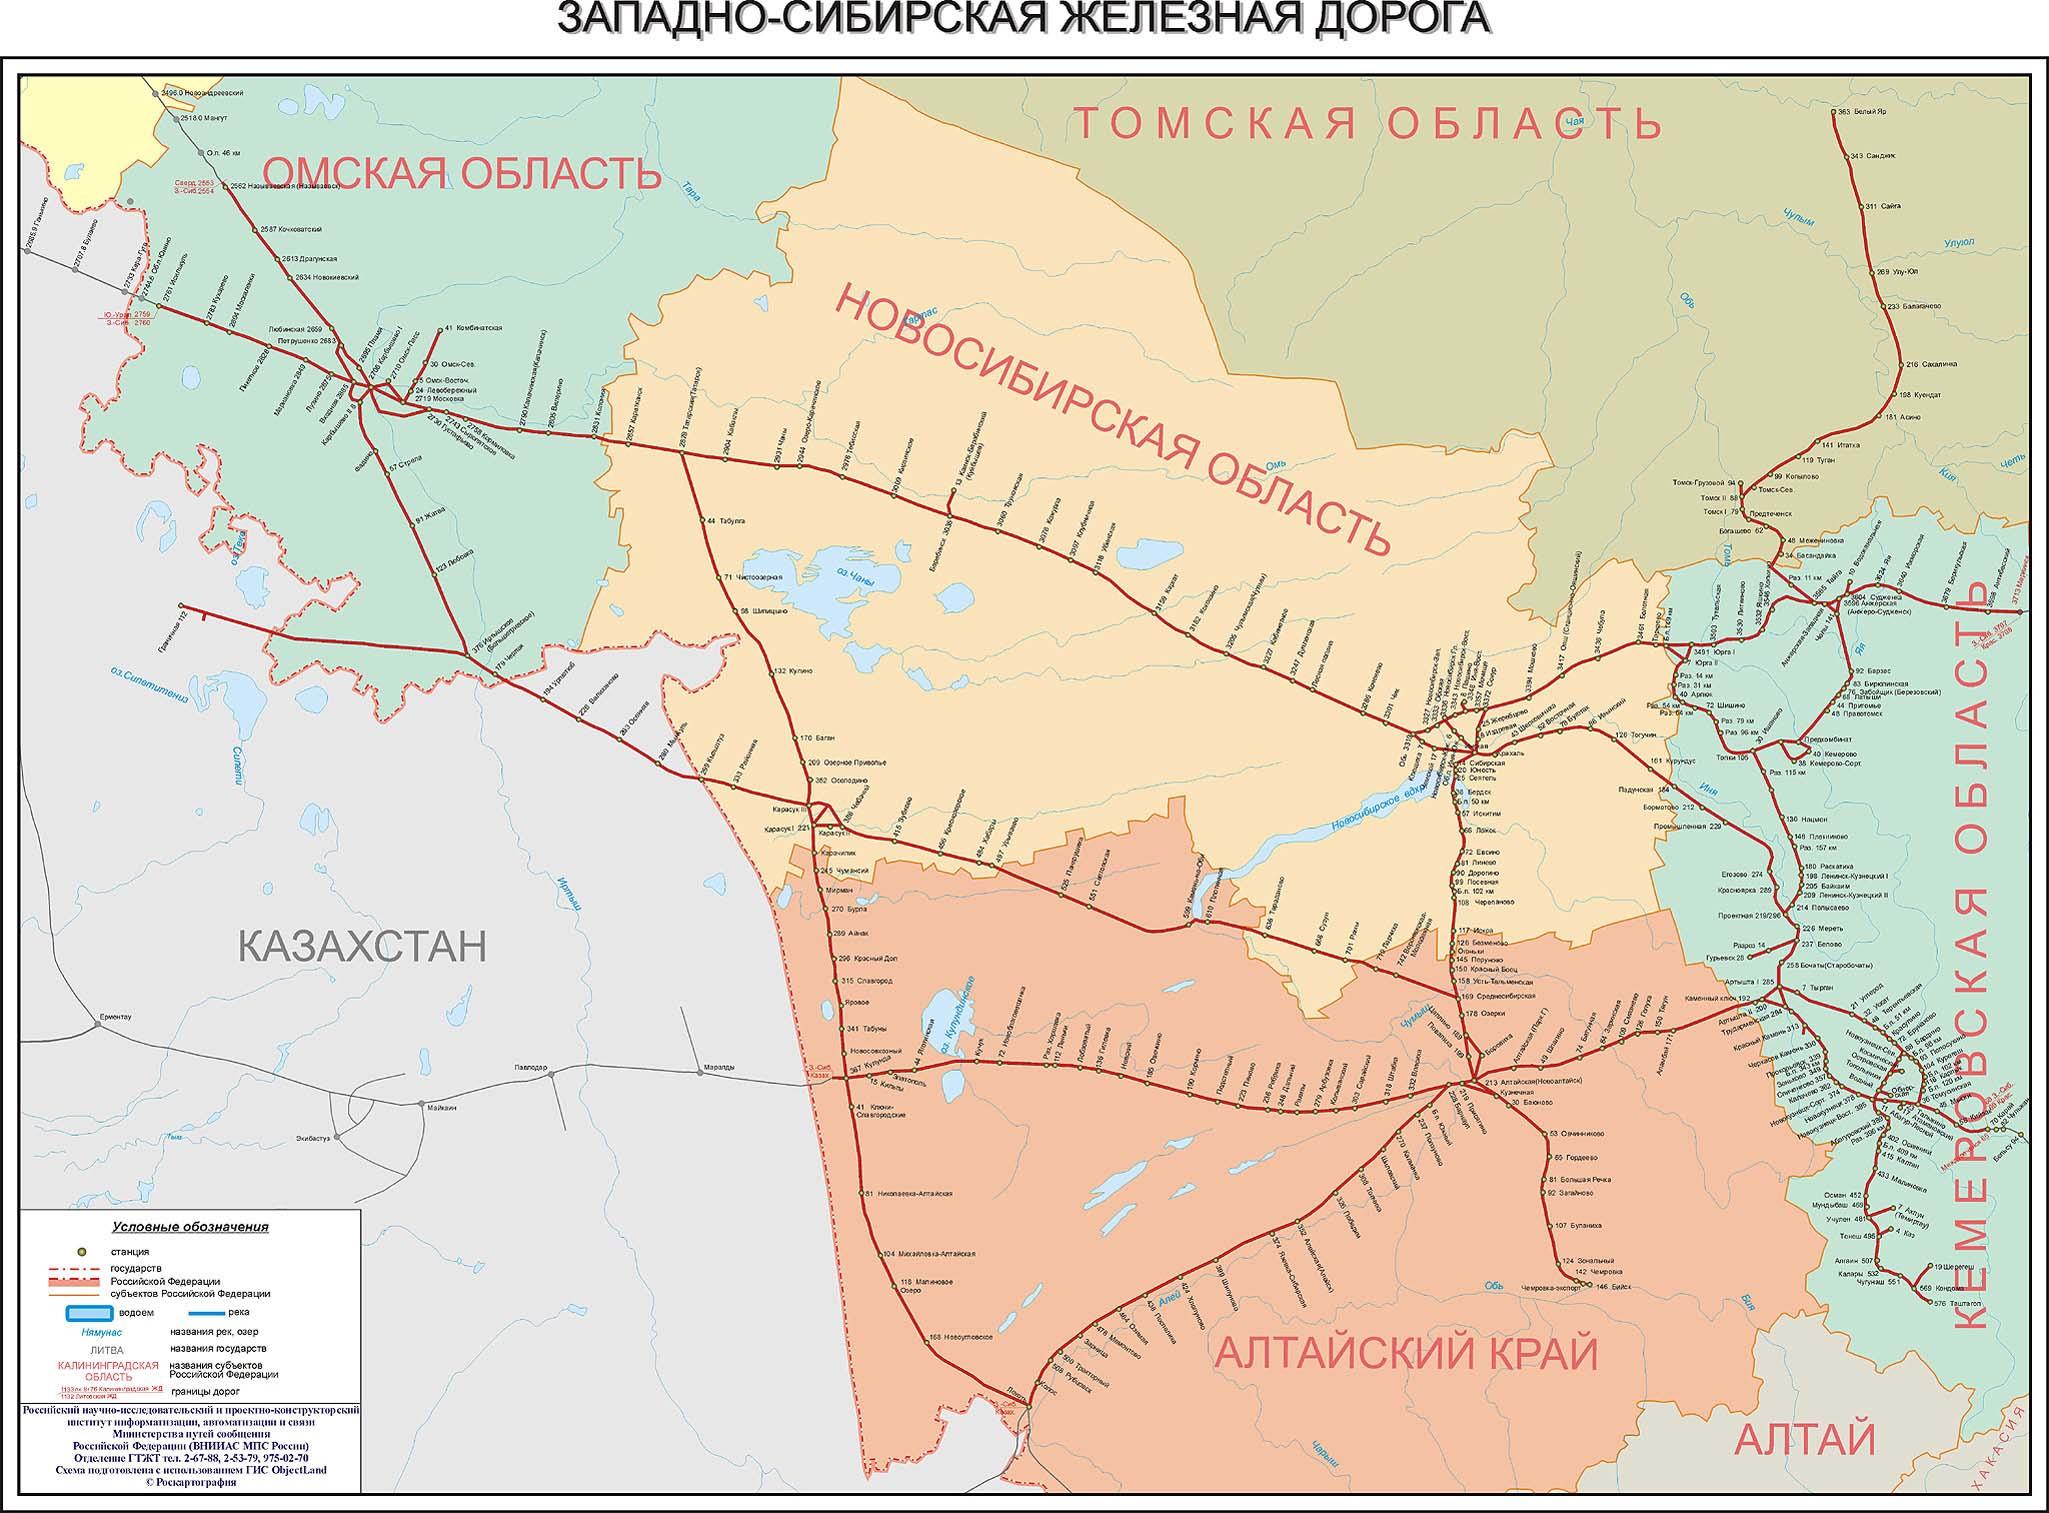 За 8 лет объем погрузки на Западно-Сибирской железной дороге увеличился на 15,5.